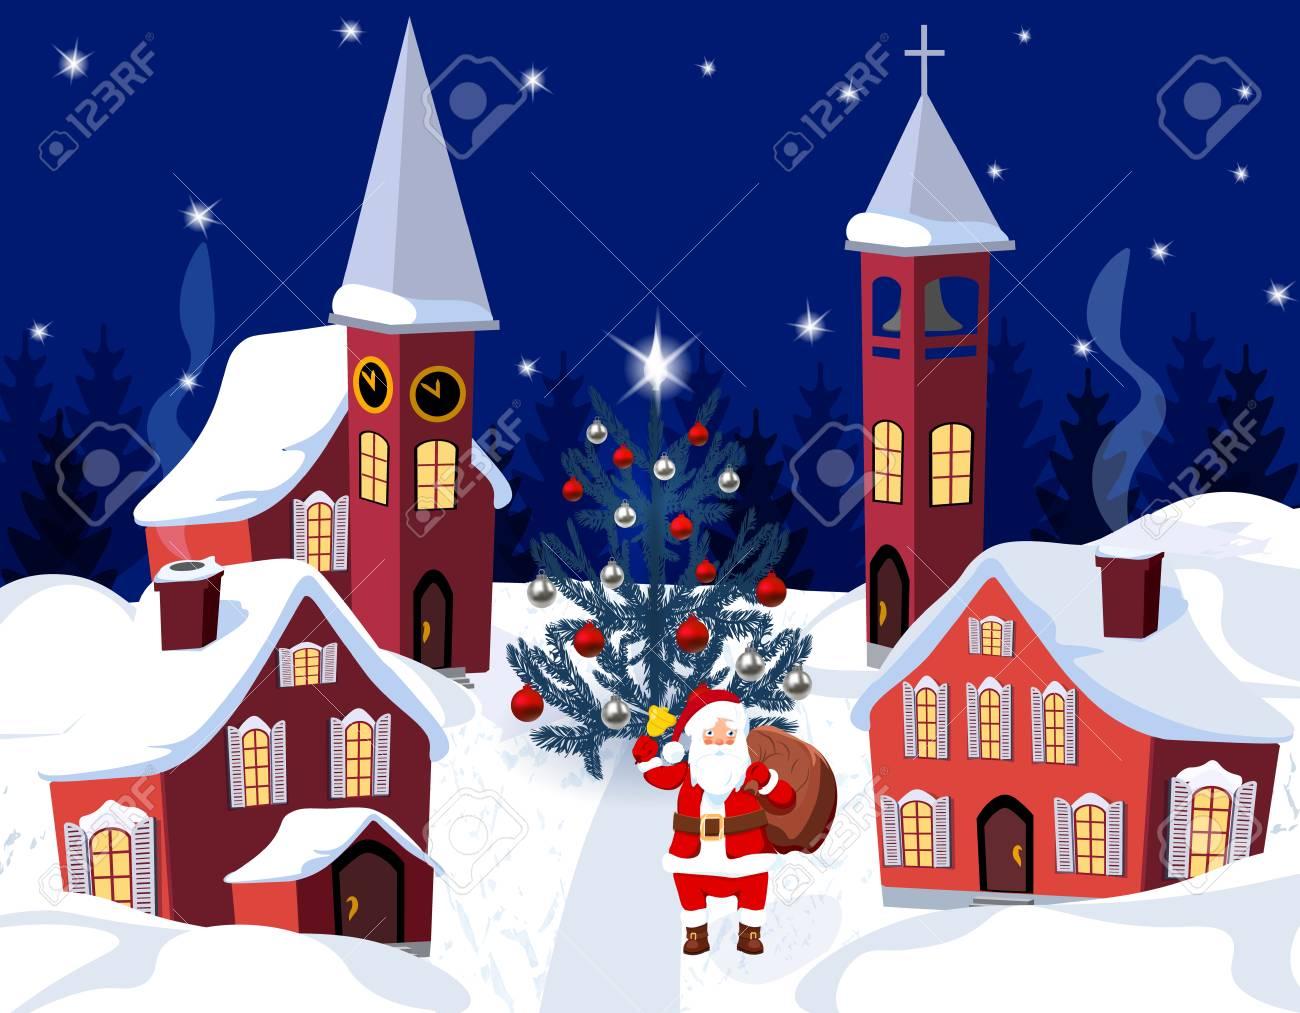 Capodanno Alla Casa Di Babbo Natale.Capodanno Natale Un Immagine Di Babbo Natale E Un Albero Di Natale Vestito Citta D Inverno Alla Vigilia Del Nuovo Anno Illustrazione